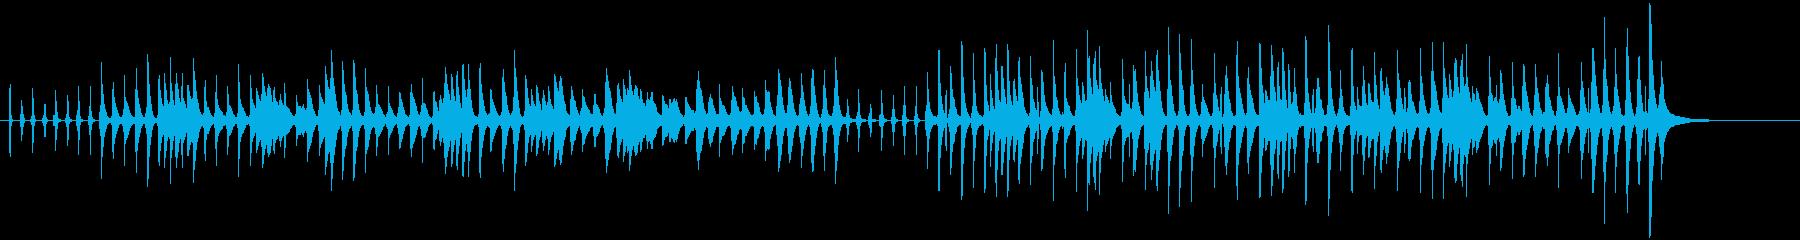 ピカピカ時計の再生済みの波形